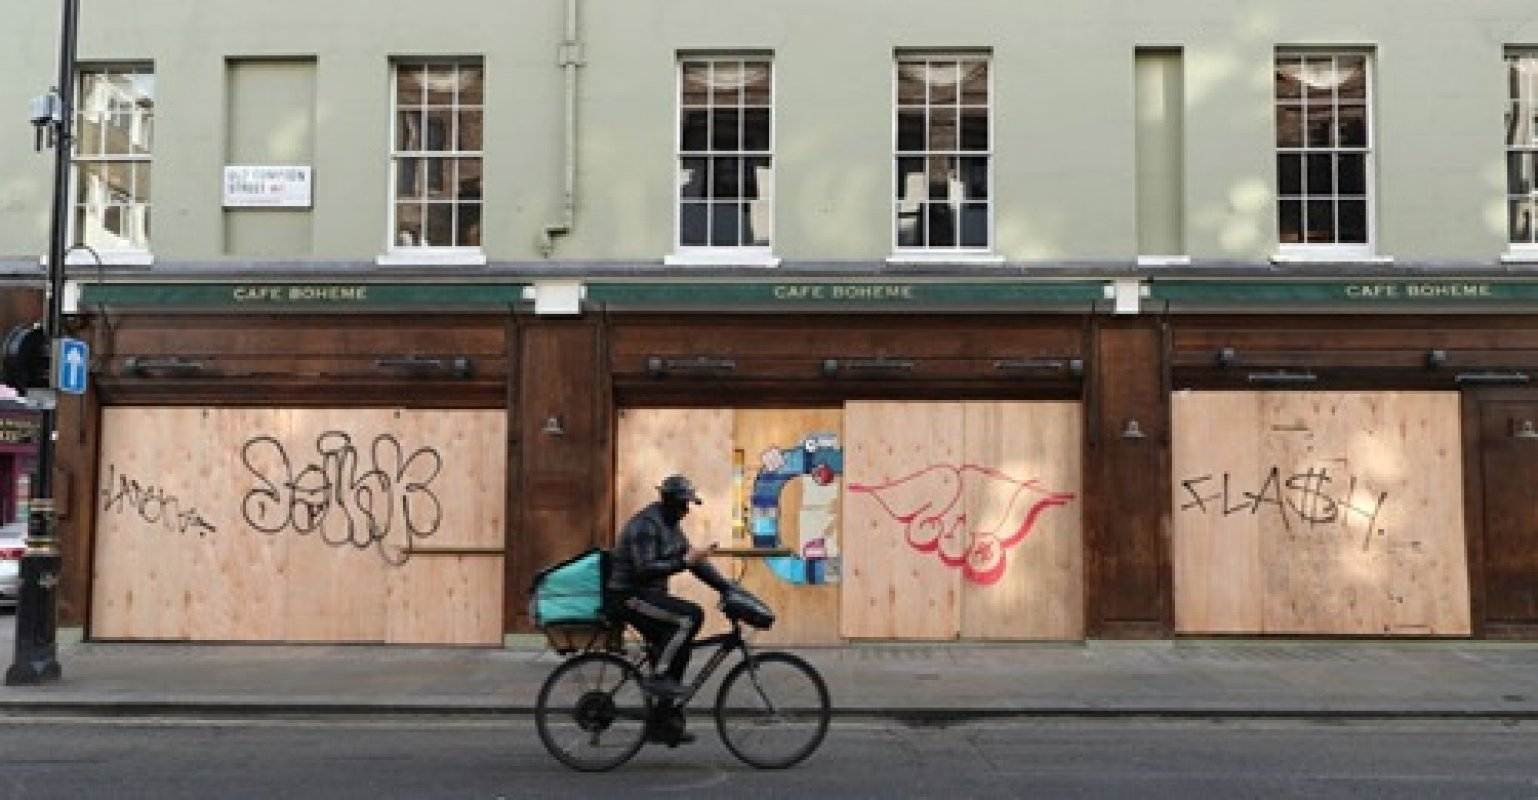 倫敦 27個自治市過去一星期內感染個案下降三分之一